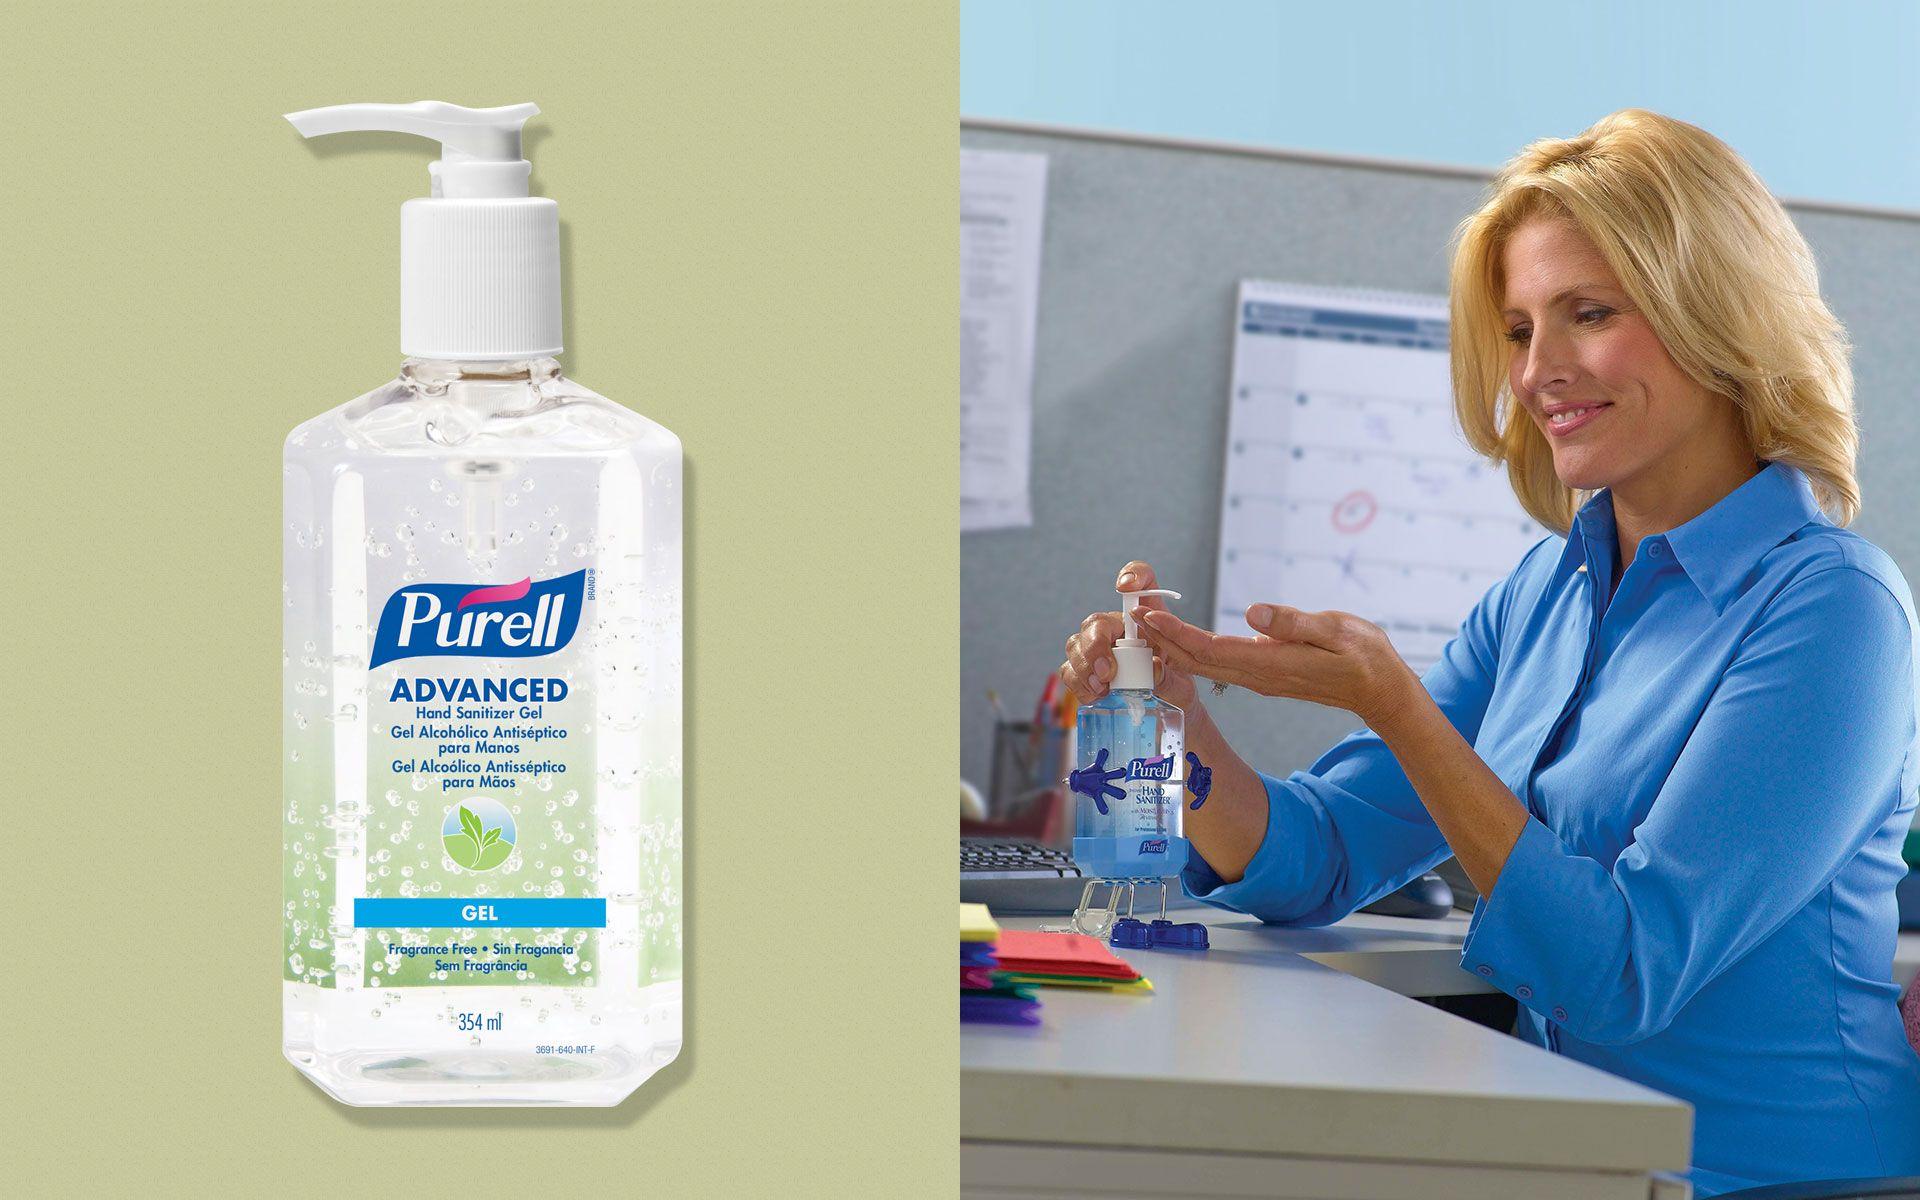 Purell Álcool gel antisséptico 70% para esterilizar as mãos 354 ml - Kit com 4 unidades.  - Limpo e Organizado